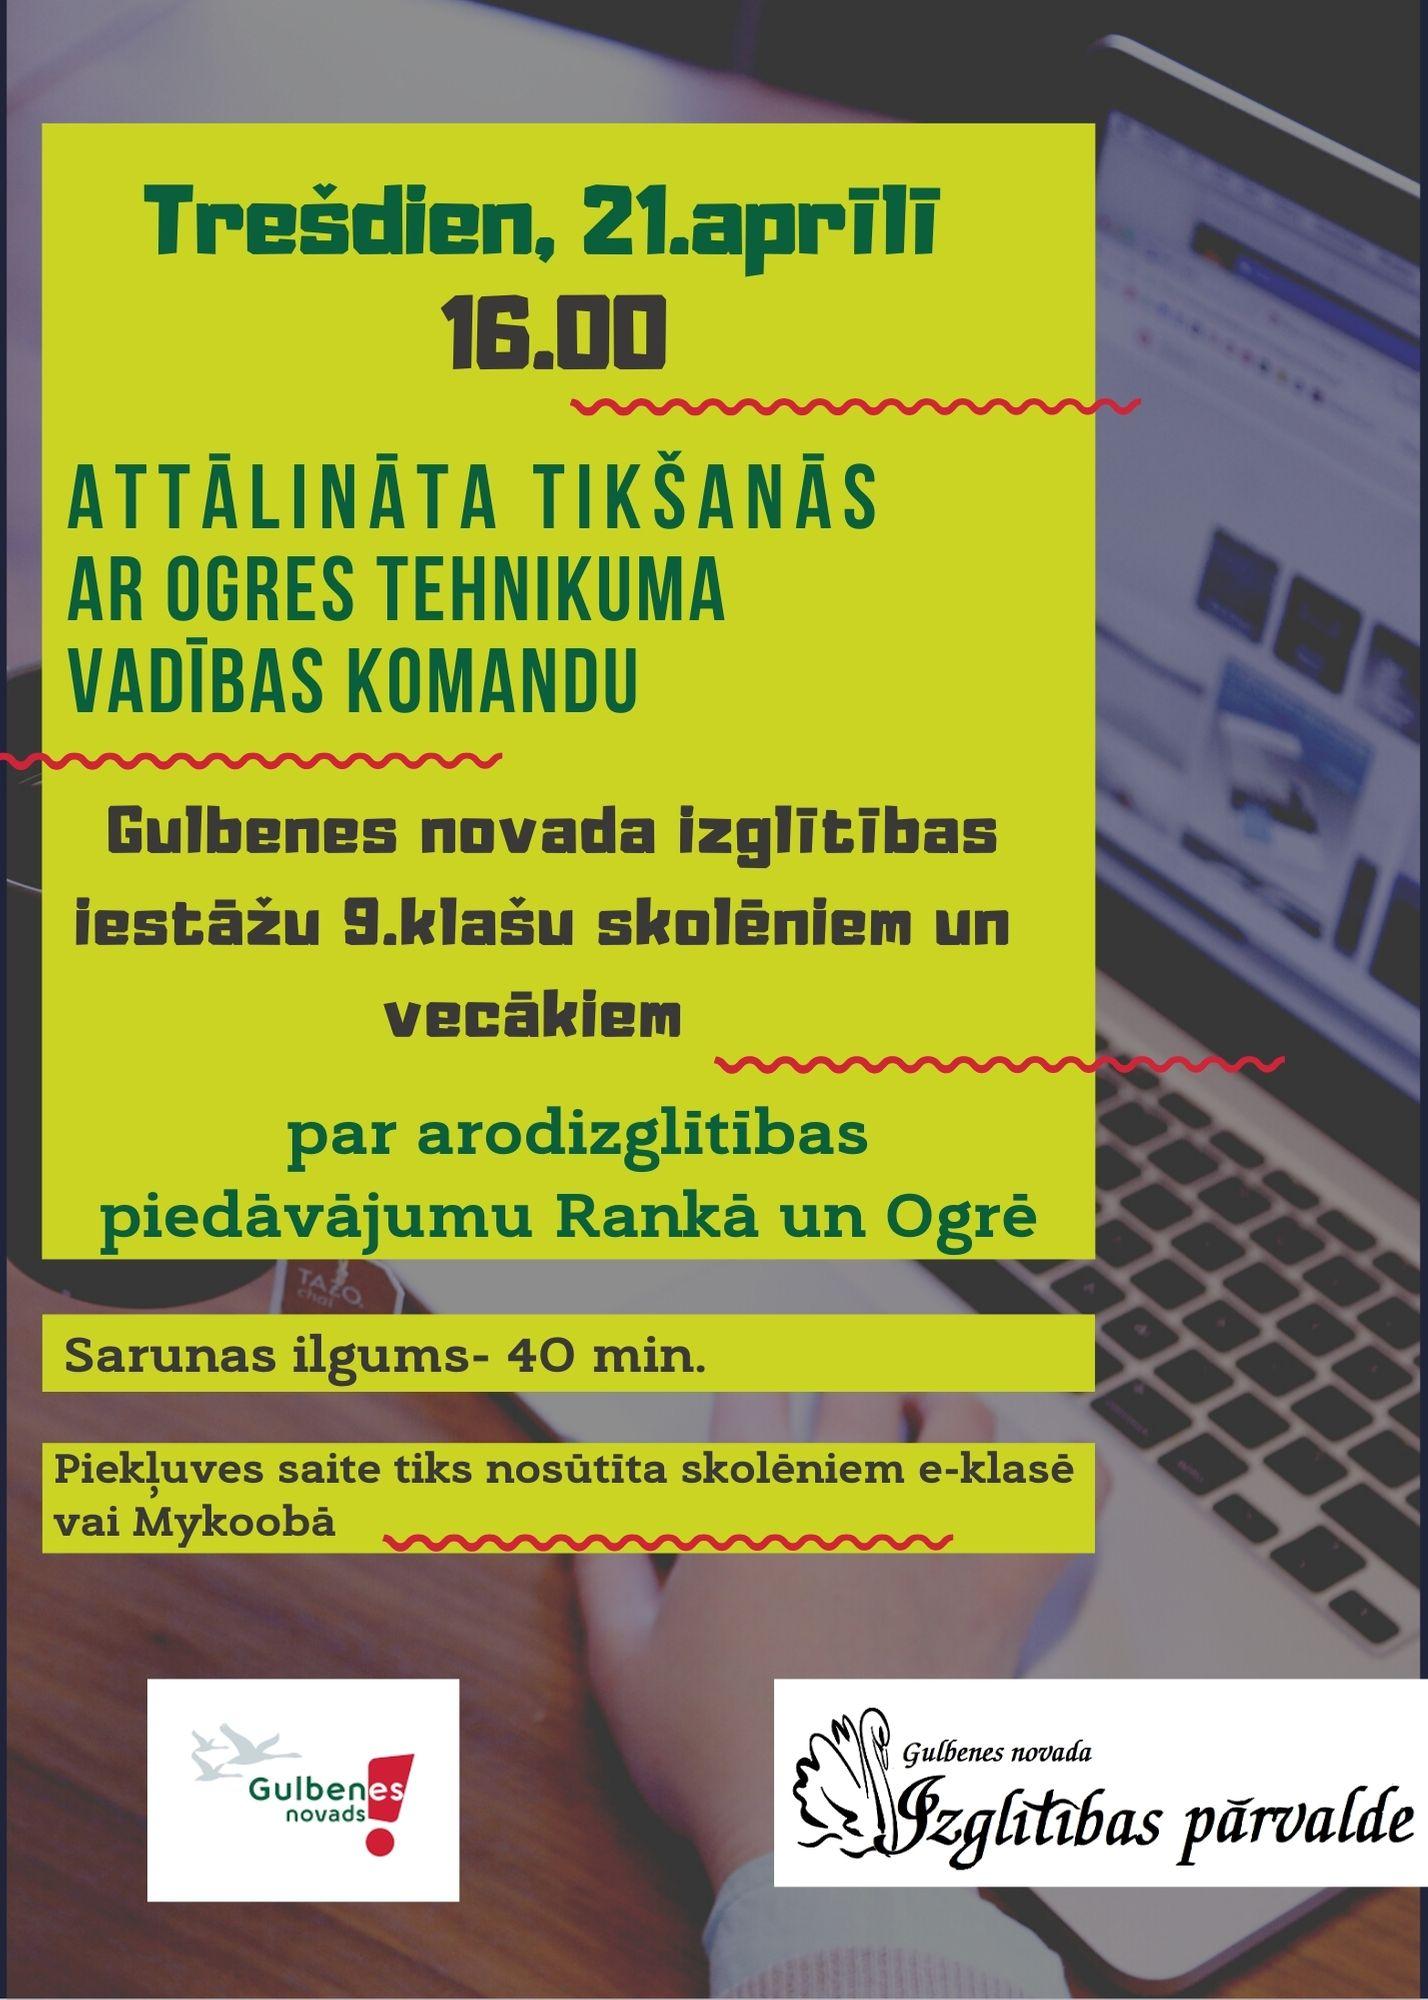 9.klašu skolēni! Tikšanās ar Ogres tehnikuma vadību (sagatavoja IP metodiķe Jolanta Zirne)